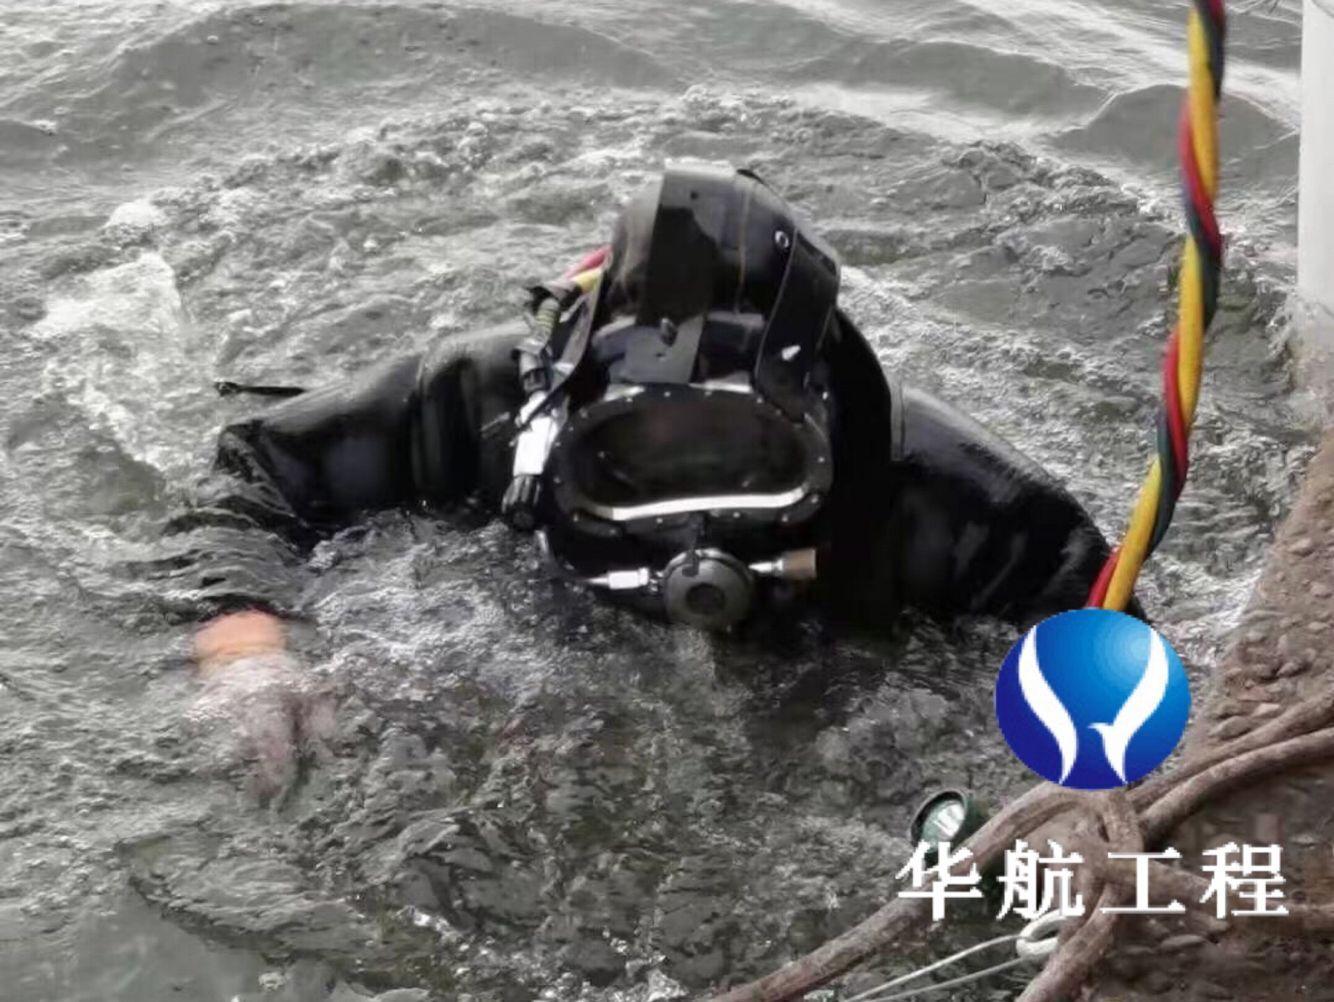 仙游潜水员作业公司-服务不乱收费